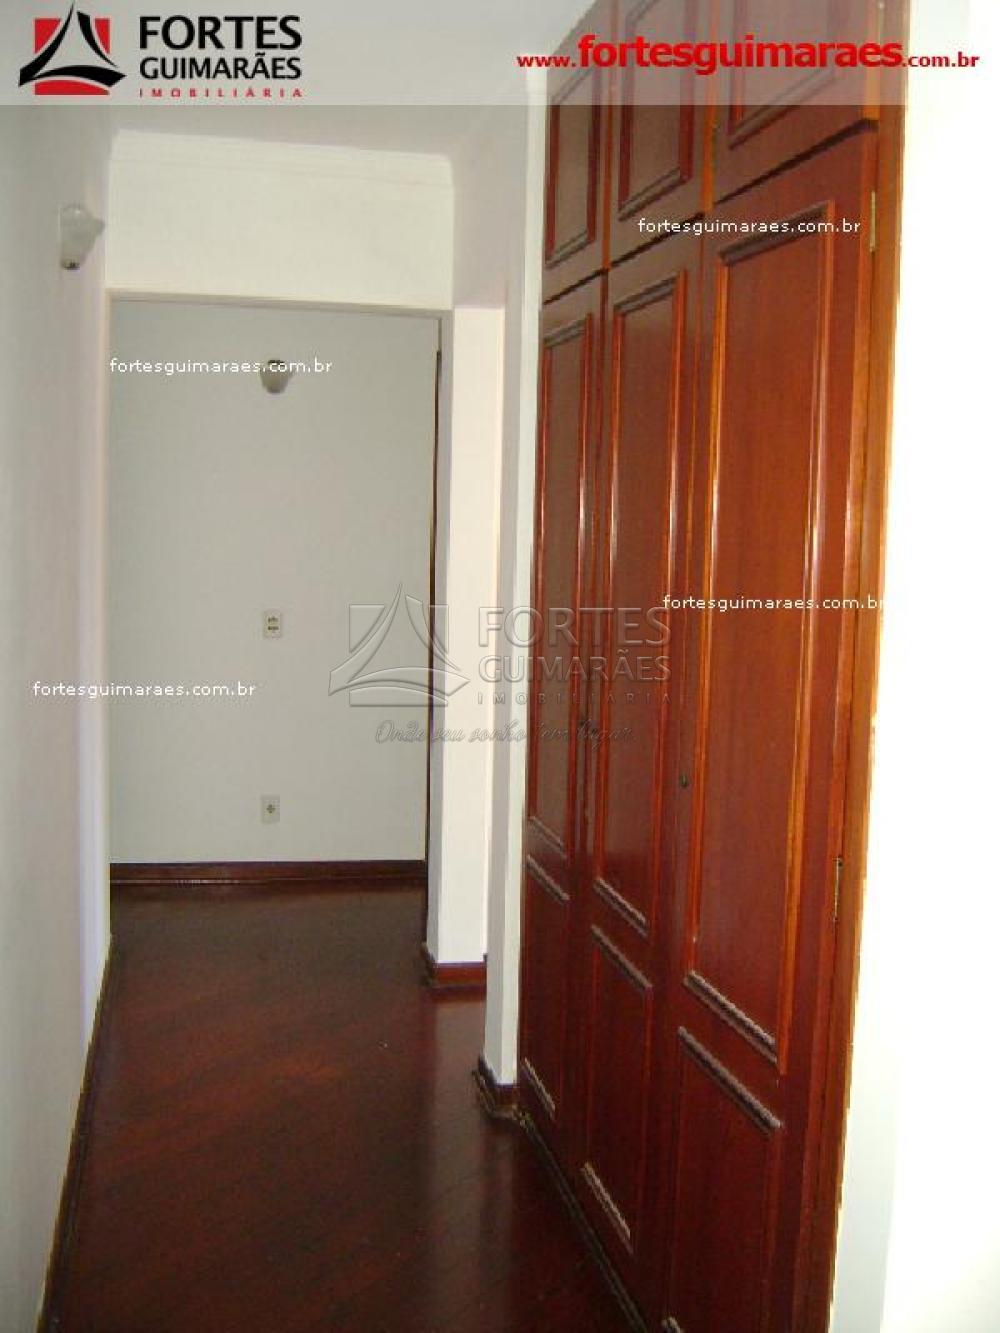 Alugar Apartamentos / Padrão em Ribeirão Preto apenas R$ 1.600,00 - Foto 7